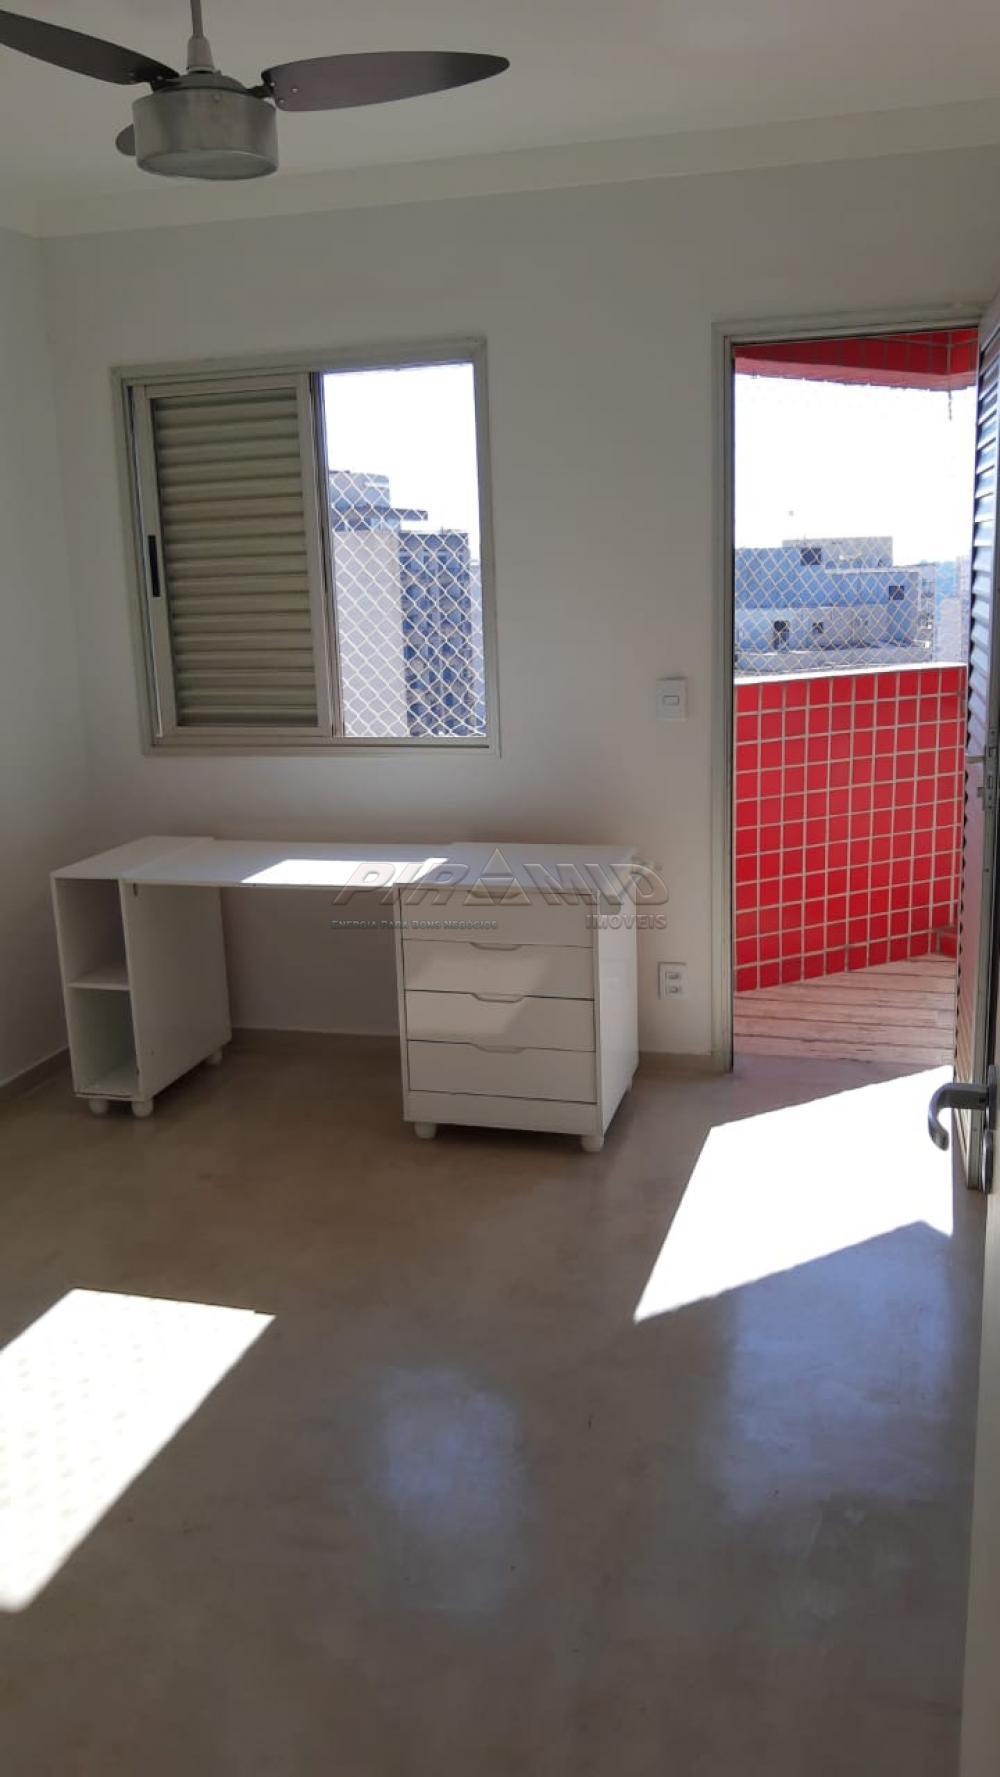 Alugar Apartamento / Padrão em Ribeirão Preto R$ 1.200,00 - Foto 6